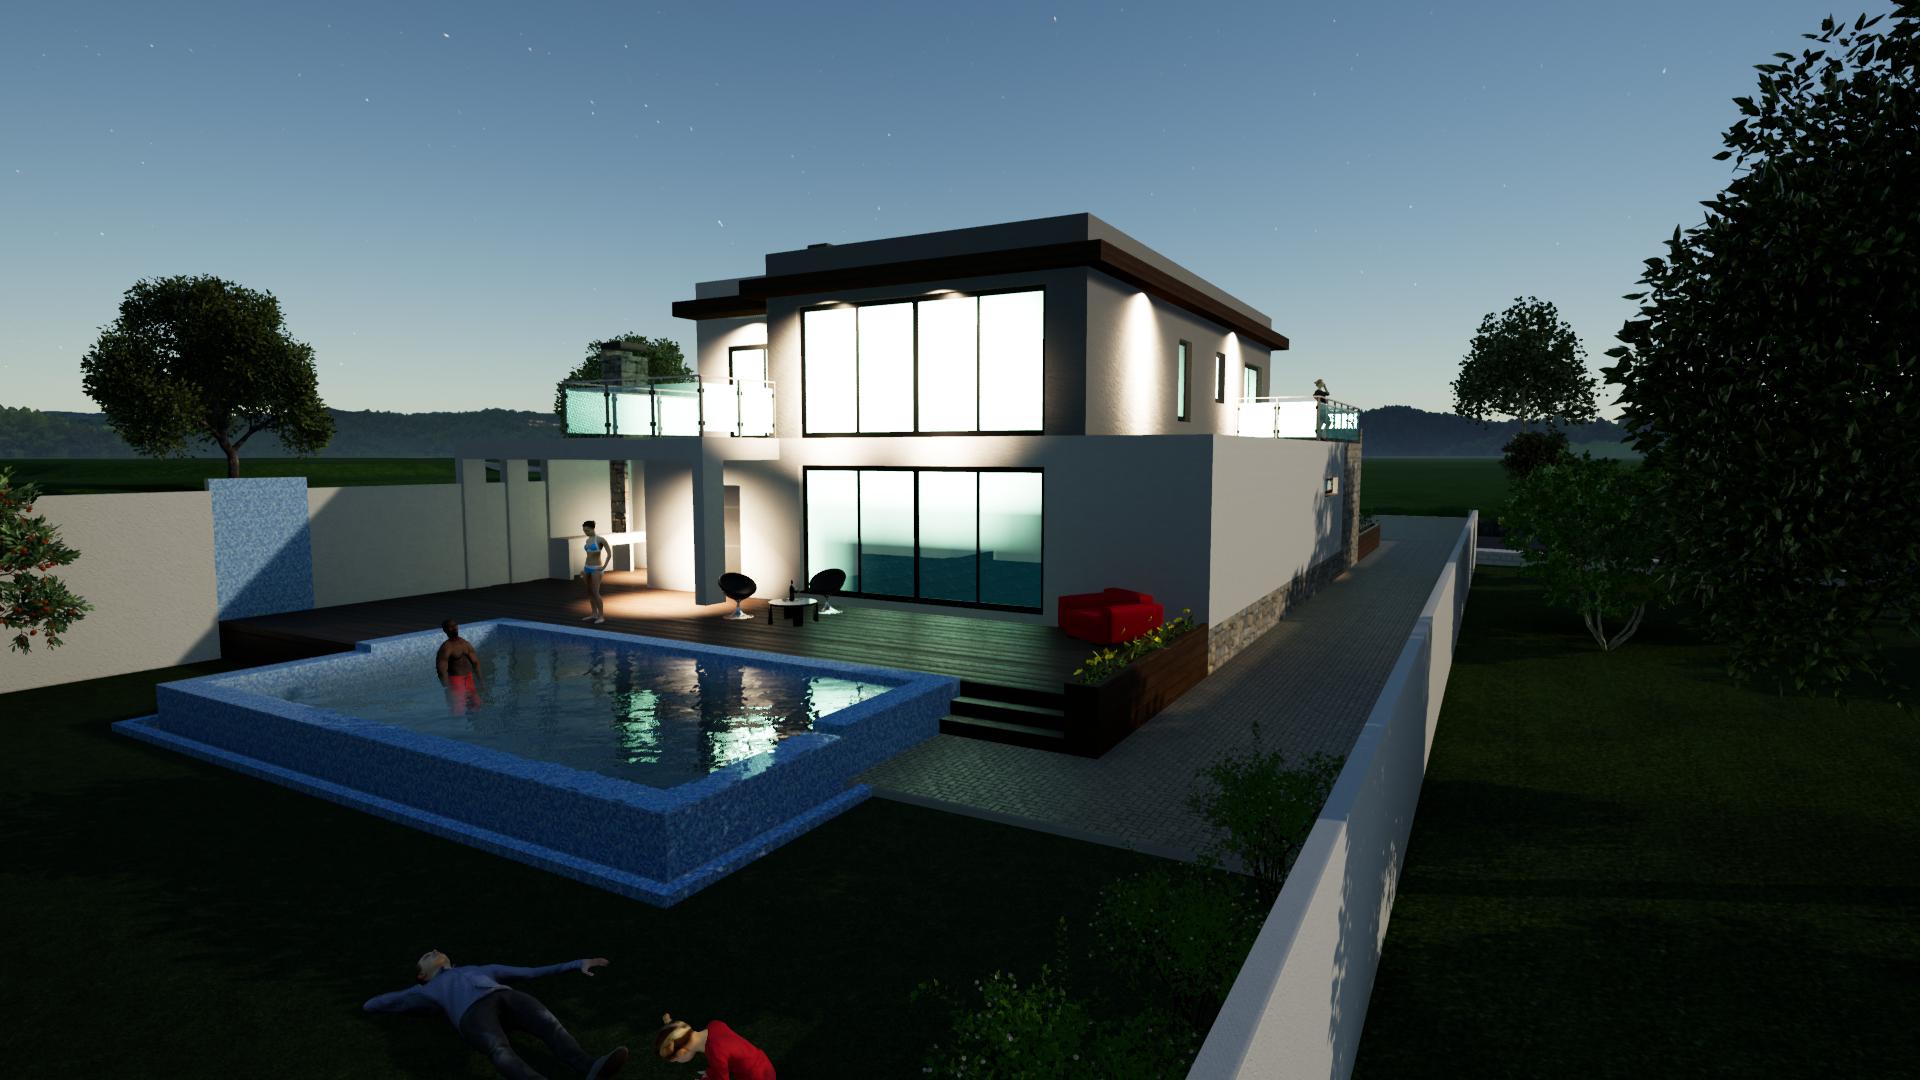 Projeto_Casas_do_Ribeiro_GrupoPsantos (10)